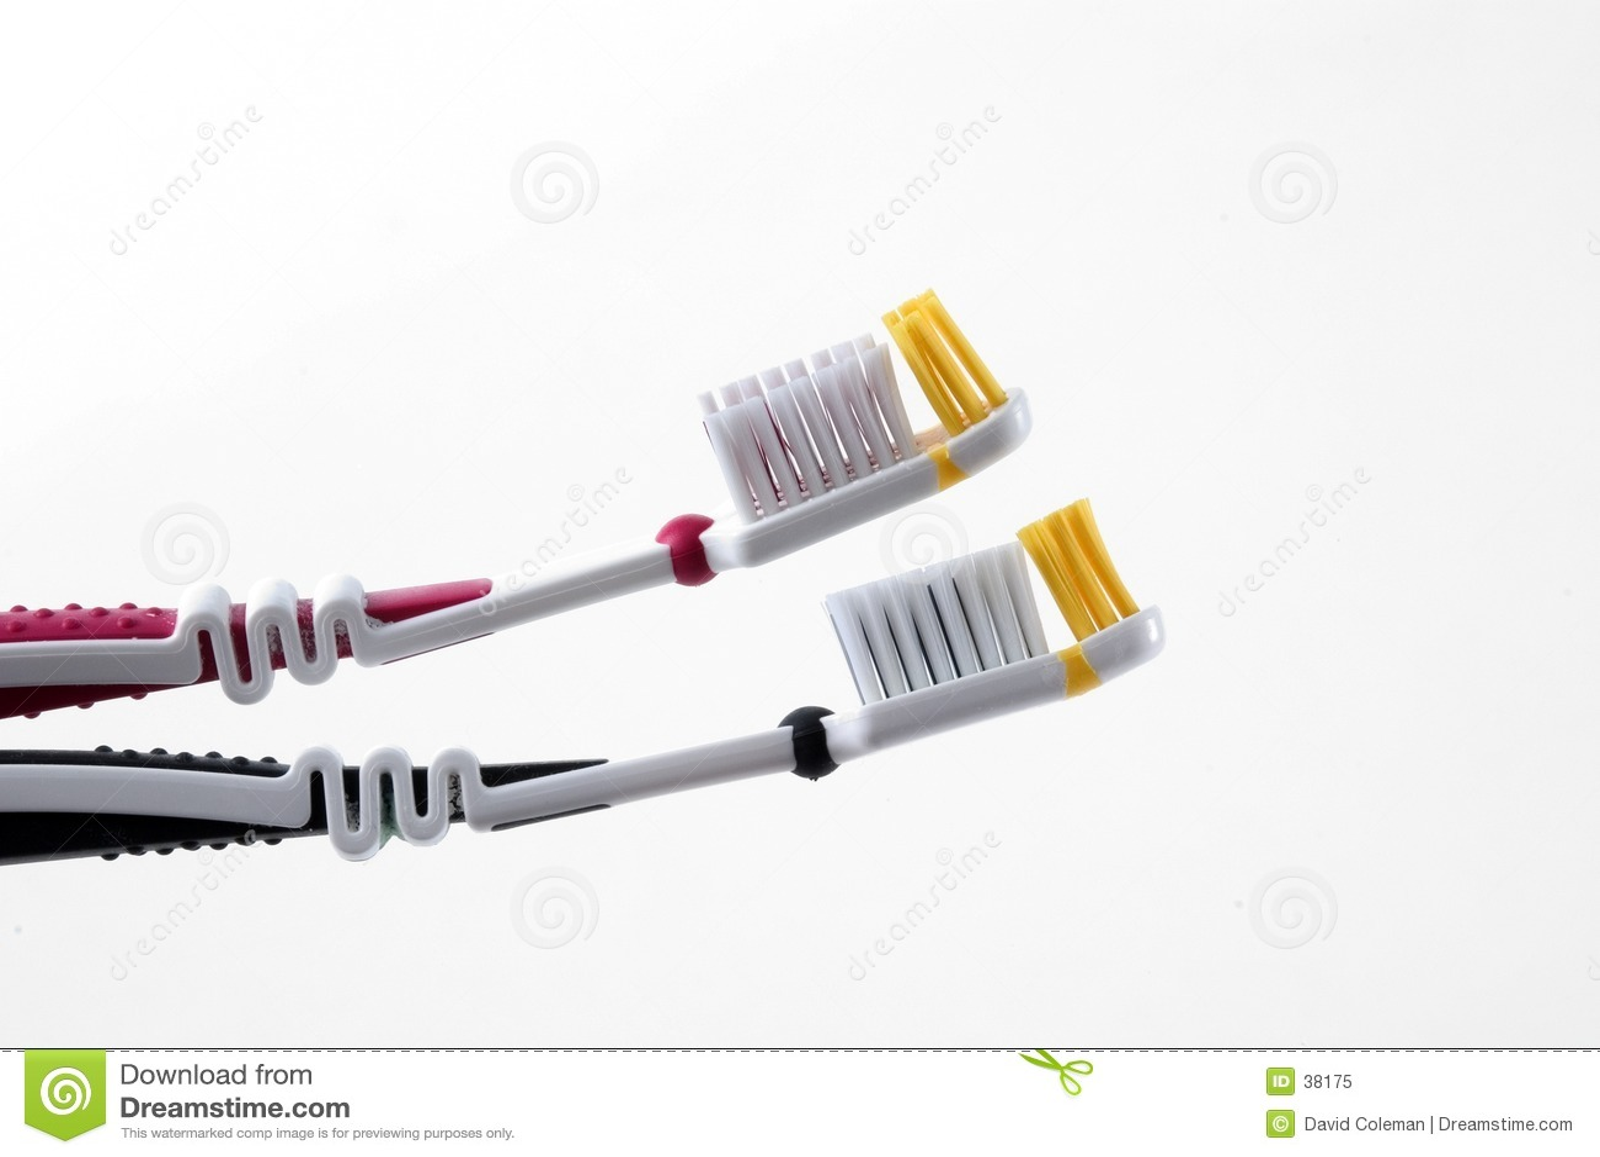 Zahnbürsten im Profil